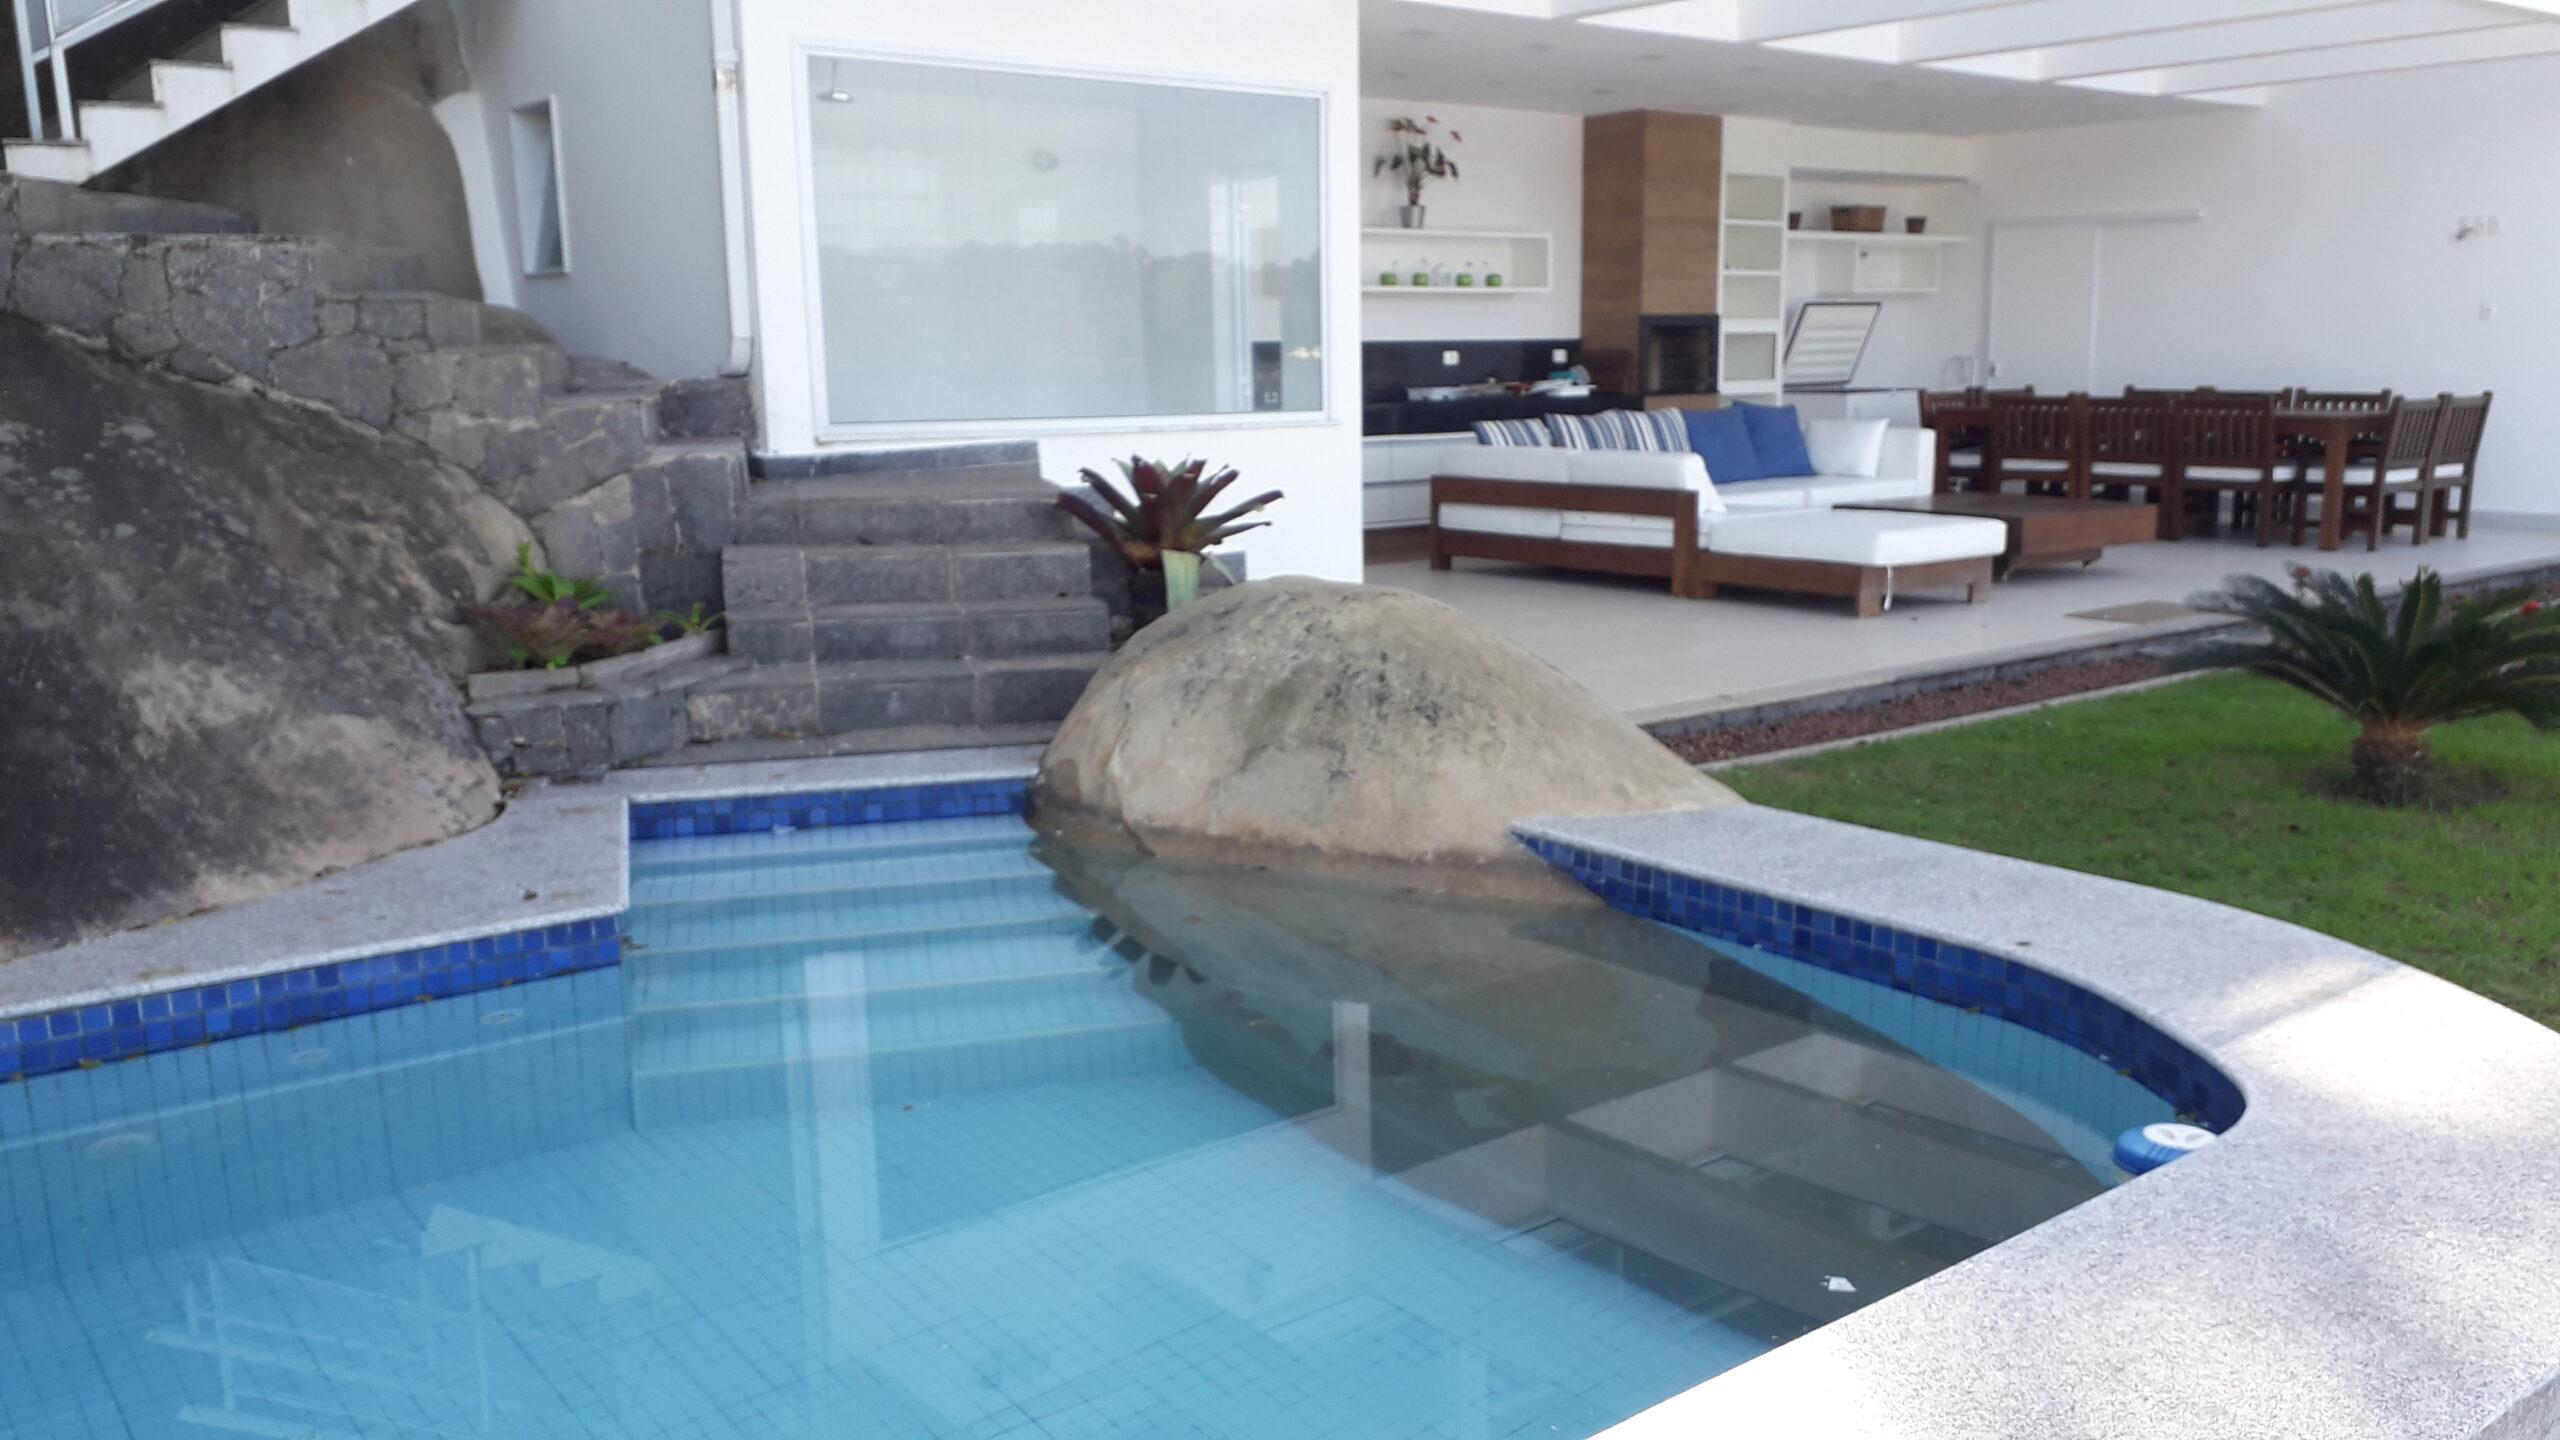 venda casa com piscina angra dos reis